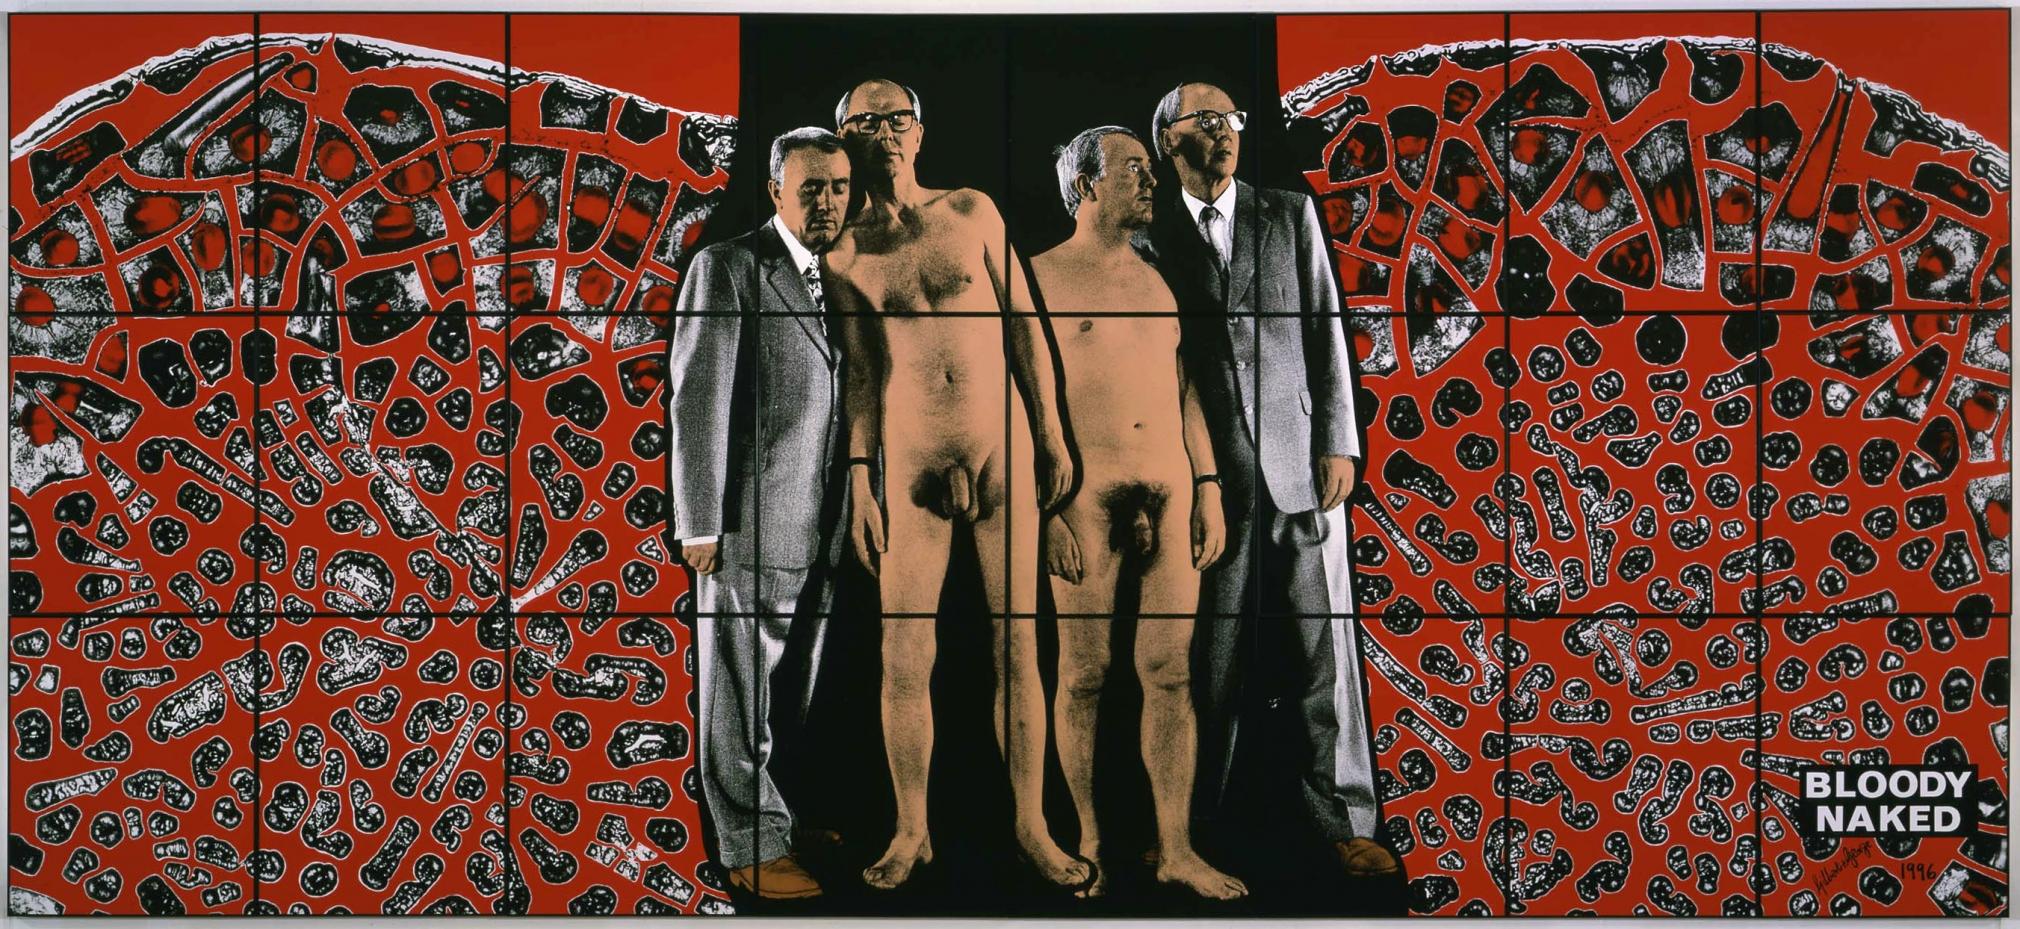 比利·查爾迪斯 Bloody Naked, 1996